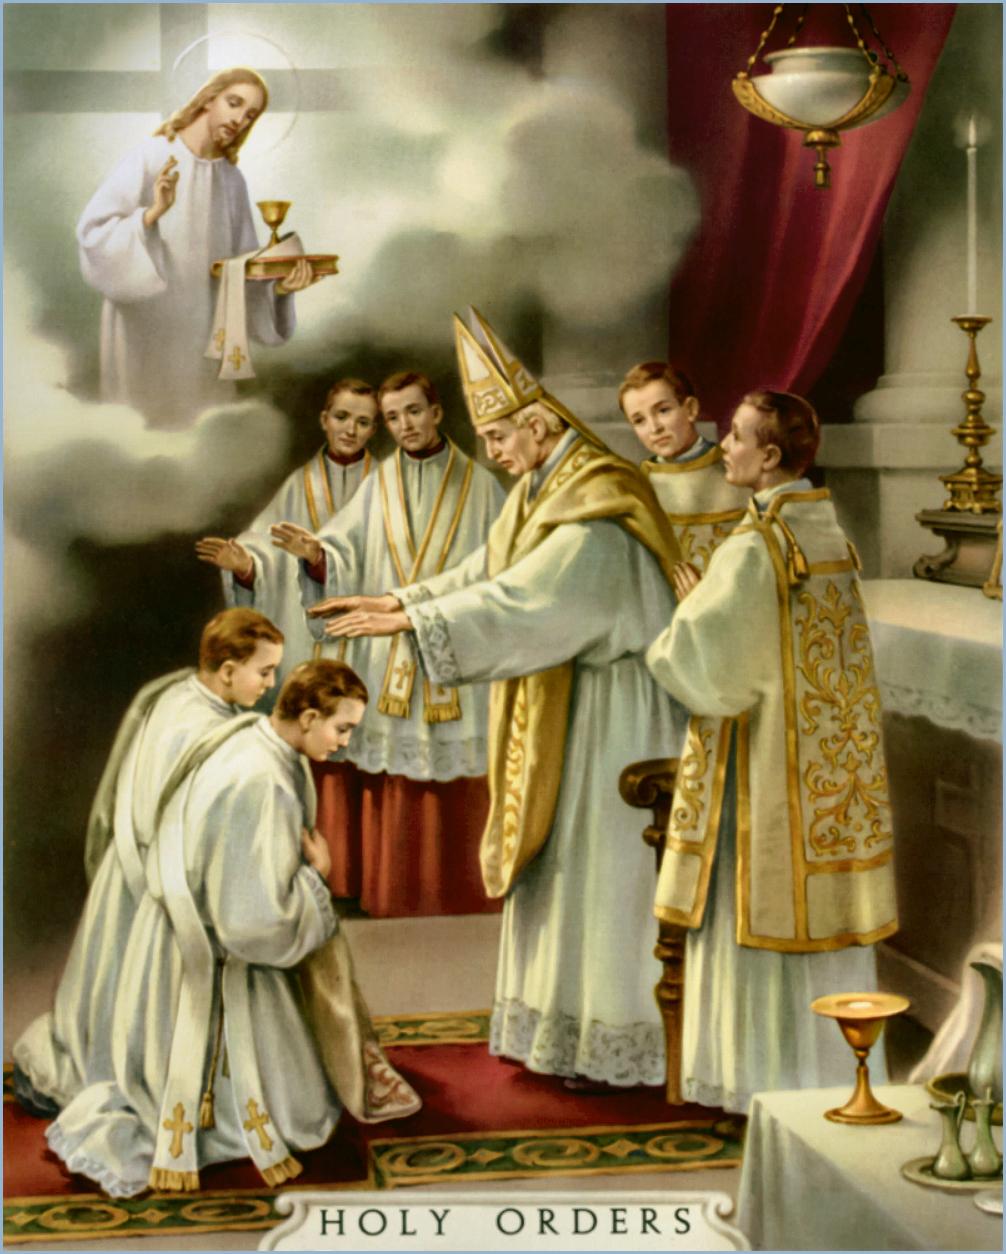 sacrament6 - The Beauty of the Roman Catholic Faith - Photos Unlimited